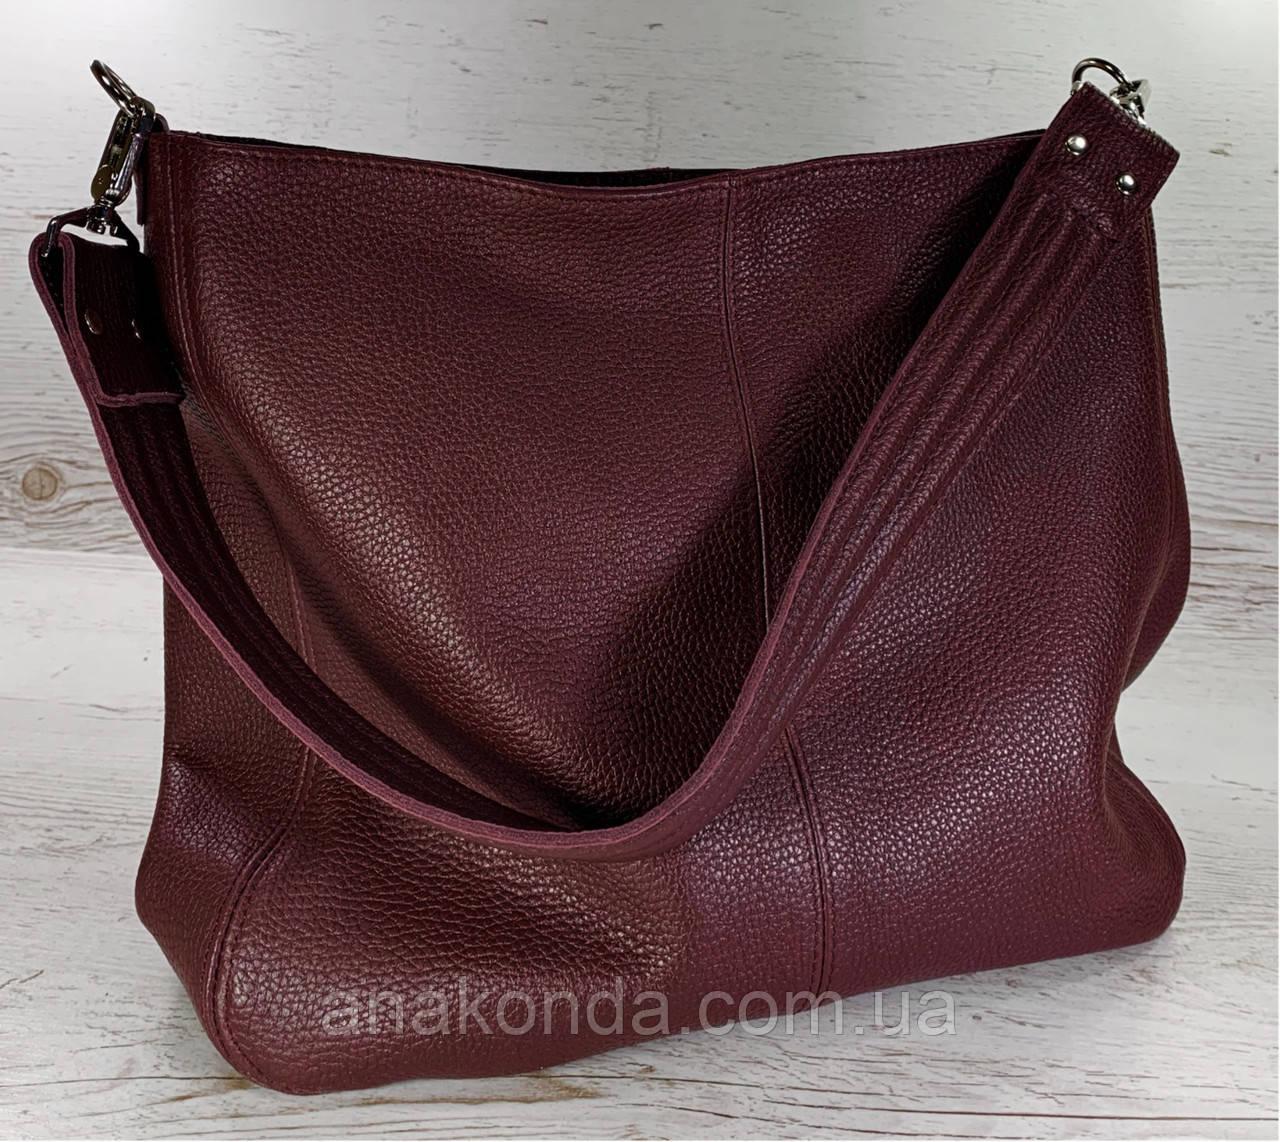 216  Натуральная кожа Объемная женская сумка через плечо Кожаная бордовая марсала из натуральной кожи сумка